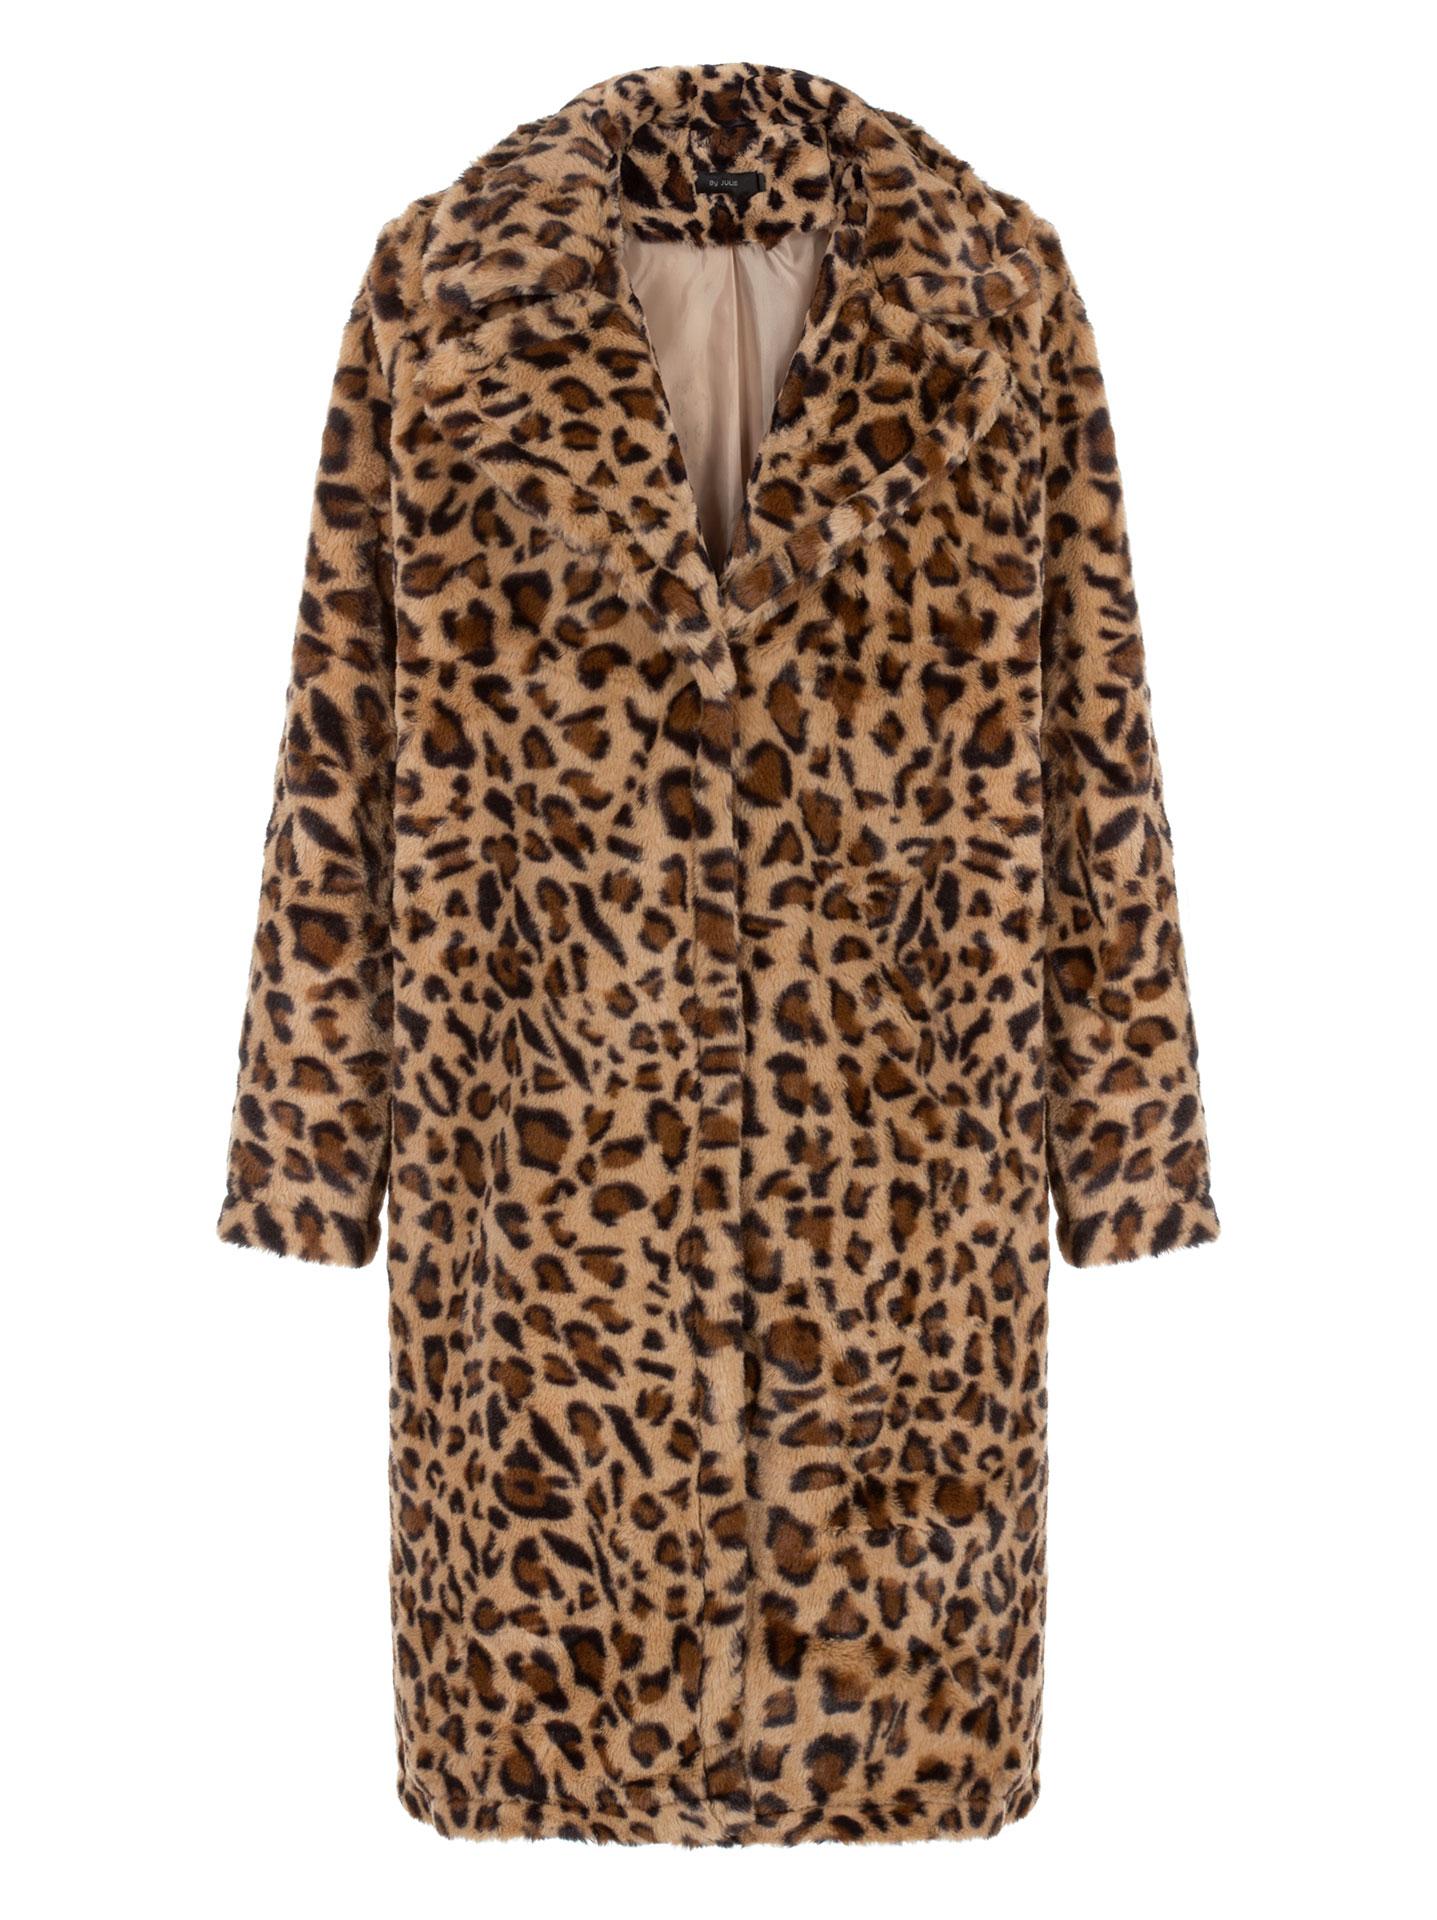 Celestino Λεοπάρ παλτό από συνθετική-οικολογική γούνα WL269.7032+1 ... 08319435a1c